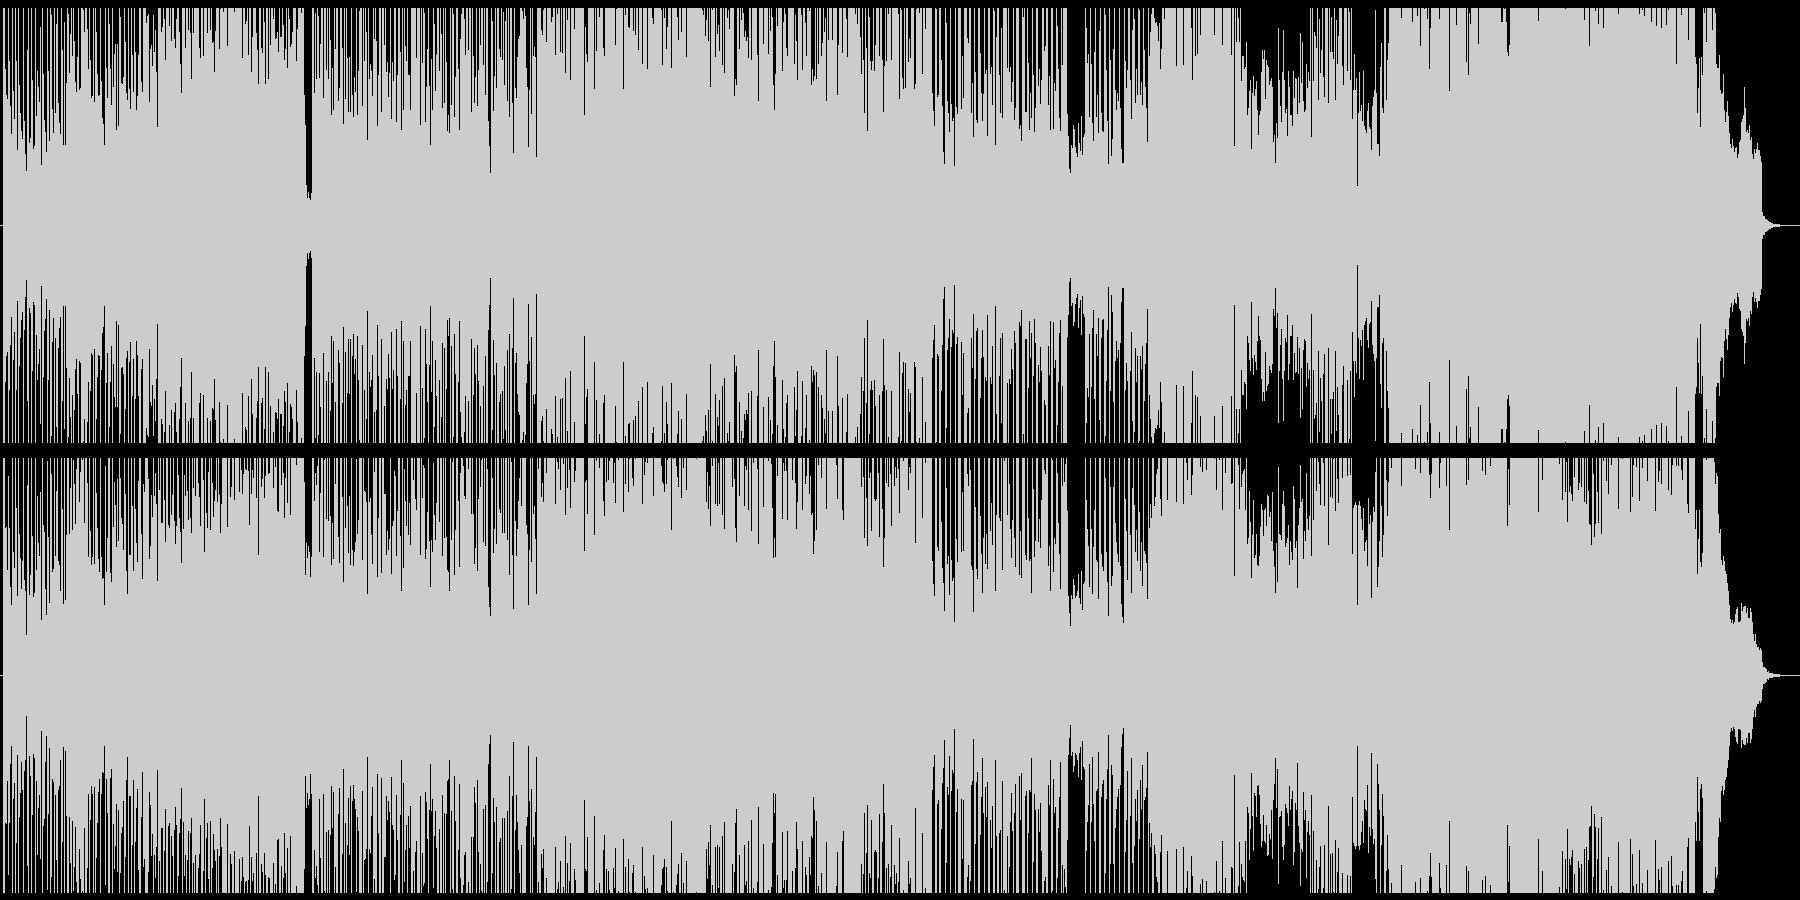 怪しいピアノフレーズが印象的な曲の未再生の波形